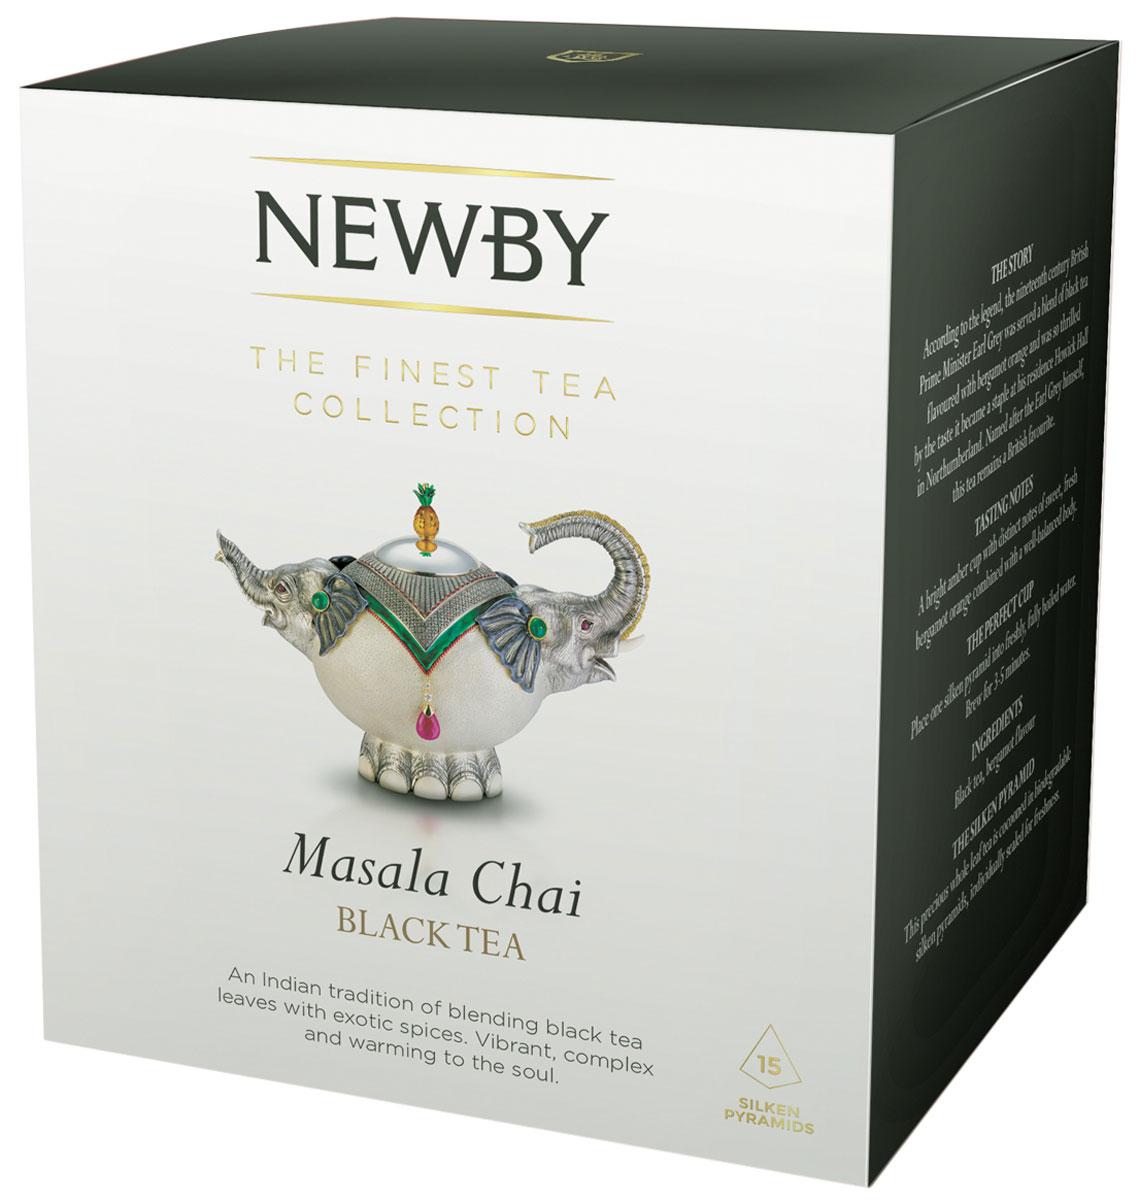 Newby Masala Chai черный листовой чай со специями в пирамидках, 15 шт601450Традиционный индийский чай Newby Masala Chai со специями, которые собраны в гармоничный букет, дающий богатый, солодовый настой с острыми пряными нотами и согревающим послевкусием. Этот чай рекомендуется подавать с молоком. Каждая пирамидка упакована в индивидуальное саше из алюминиевой фольги для сохранения свежести чайного листа.